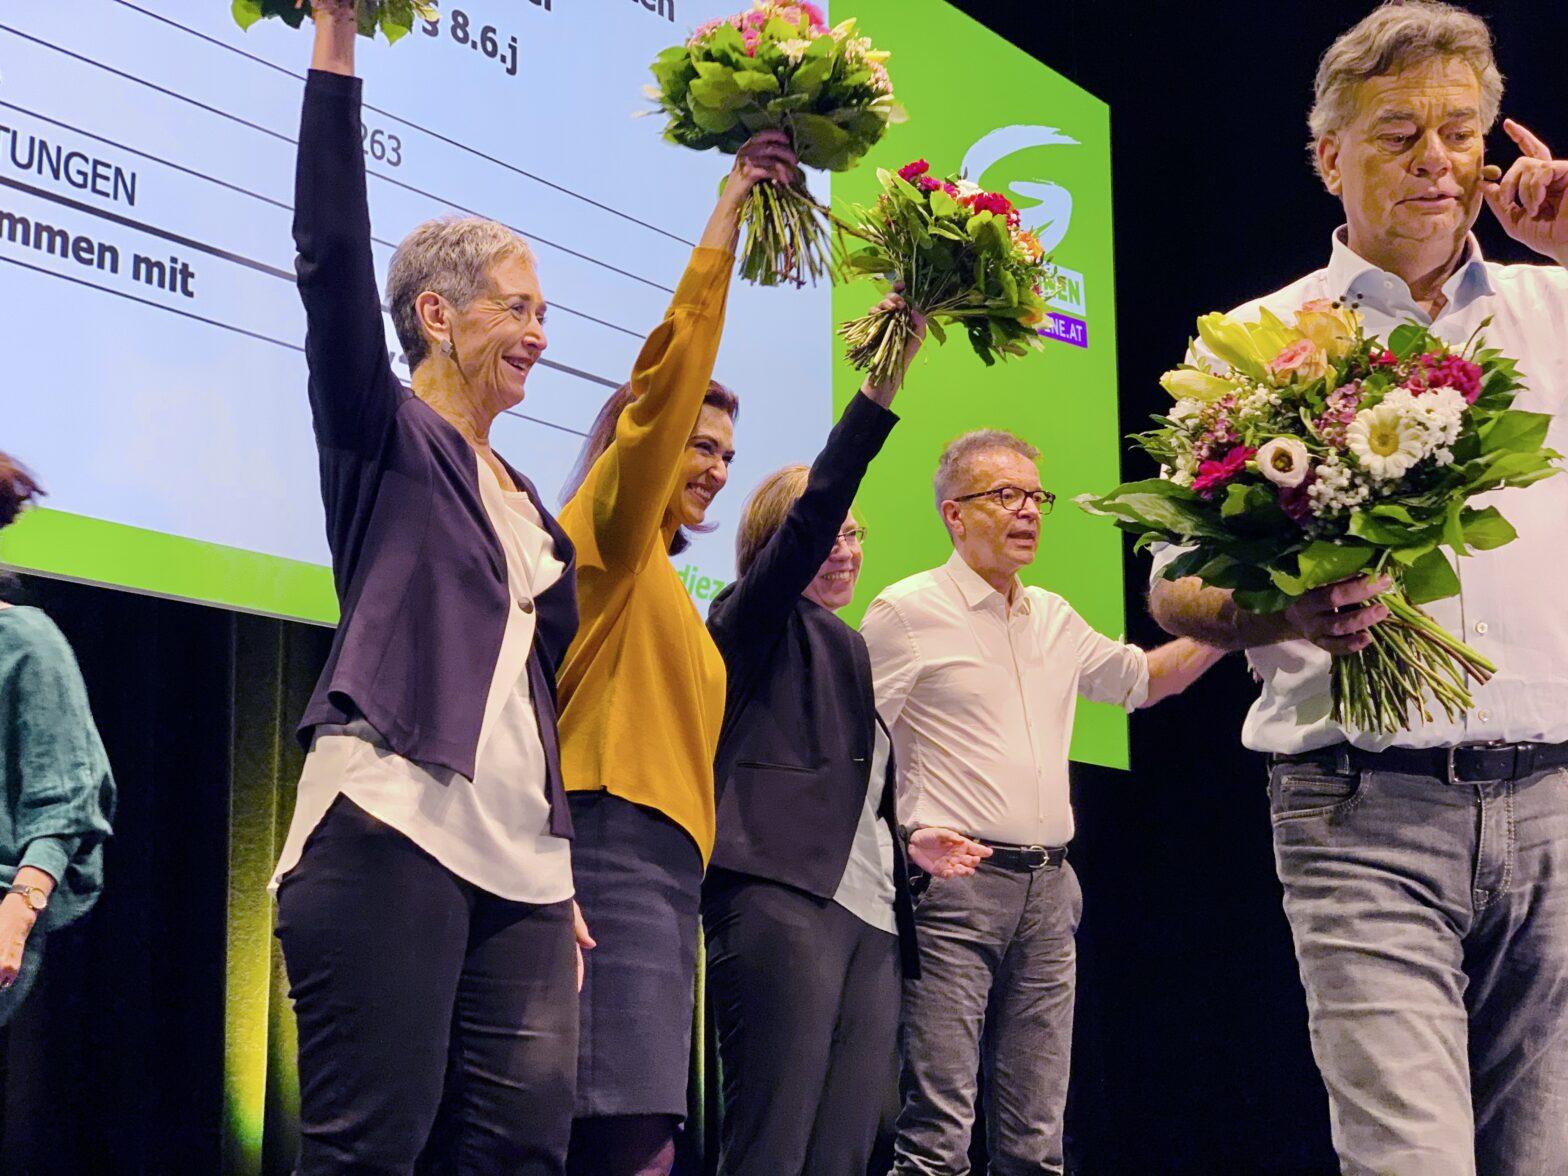 Ulrike Lunacek, Alma Zadie, Leonore Gewessler, Rudi Anschober und Werner Kogler beim Grünen Bundeskongress